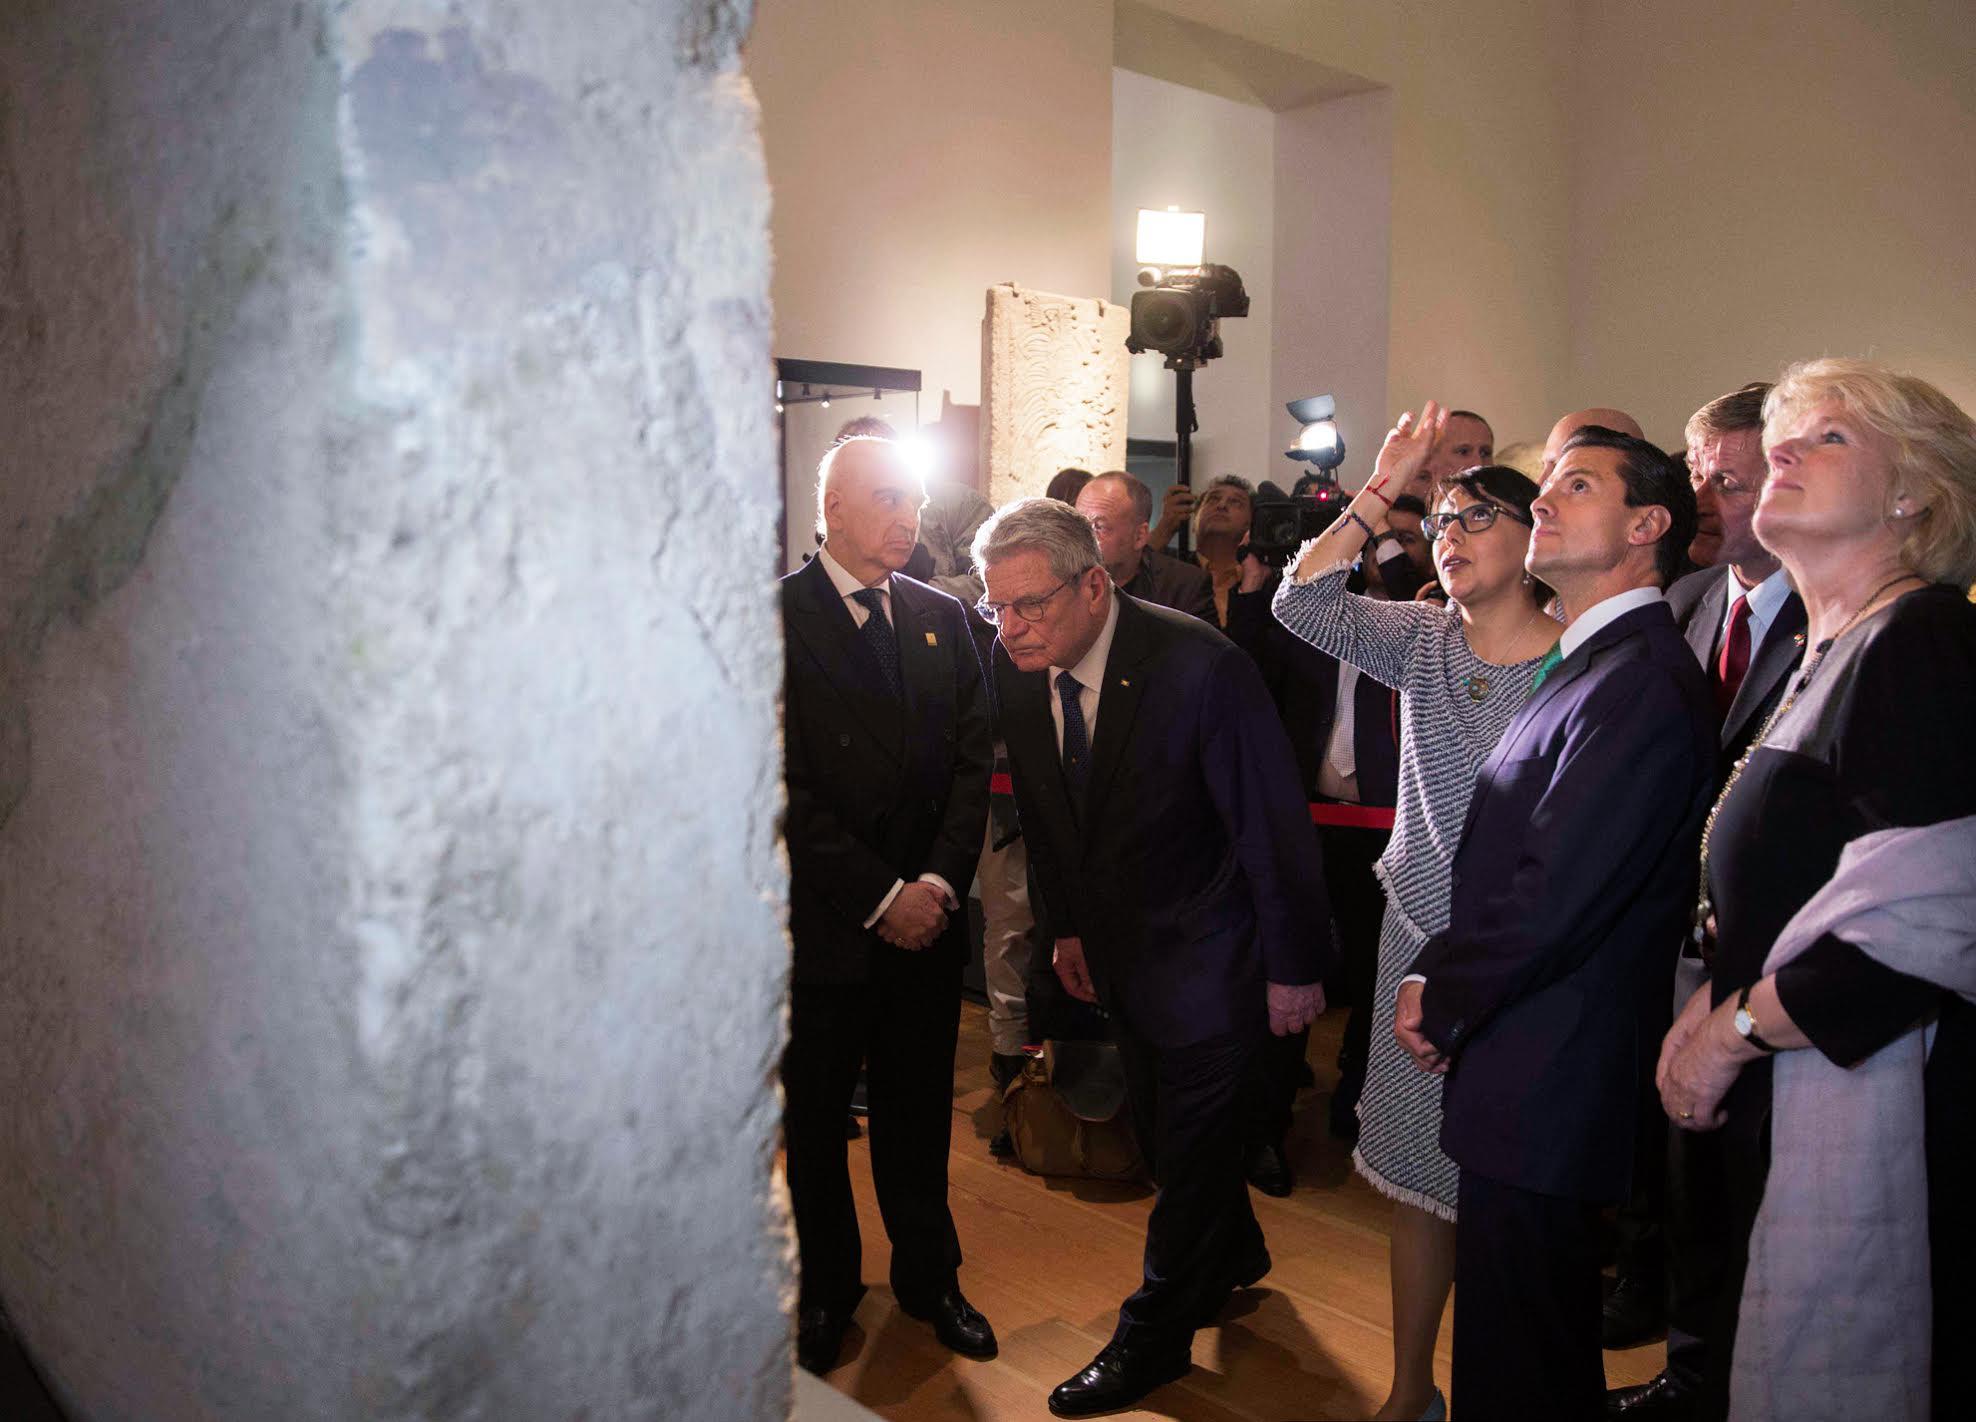 """Los Presidentes de México, Enrique Peña Nieto, y de la República Federal de Alemania, Joachim Gauck, inauguraron y recorrieron la exposición """"Mayas, el lenguaje de la belleza"""" en el Museo Martin-Gropius-Bau."""